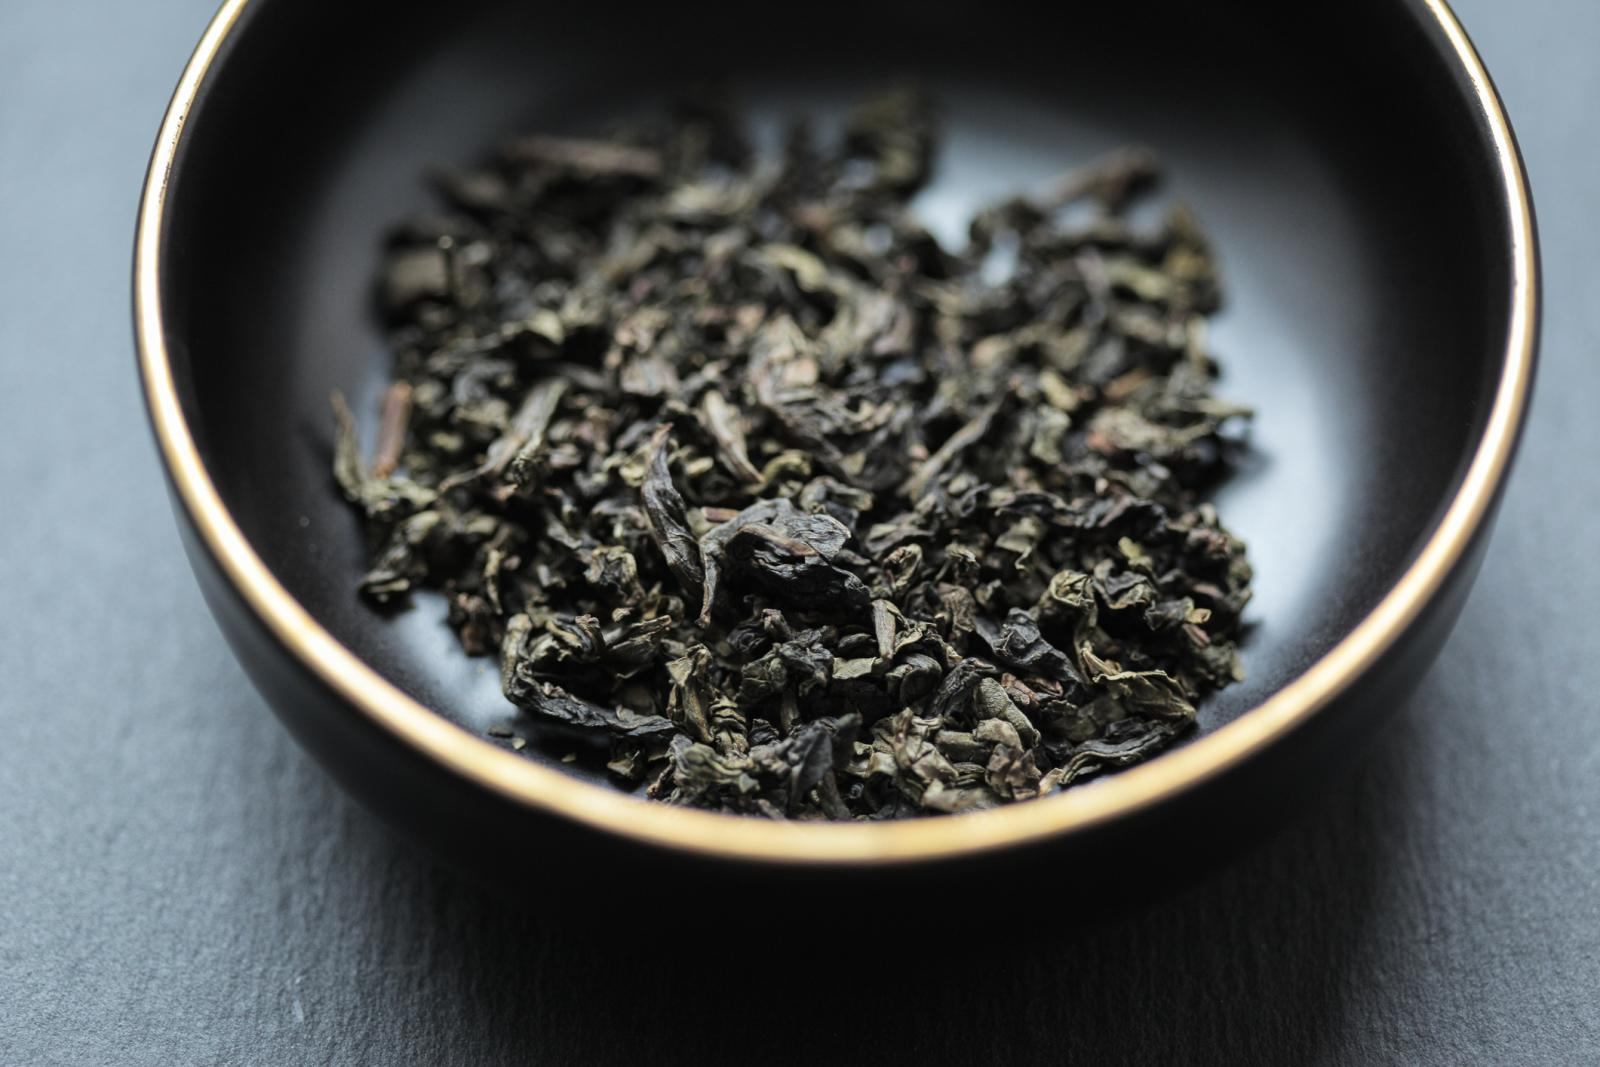 Ovaj se čaj stoljećima koristi u tradicionalnoj medicini.